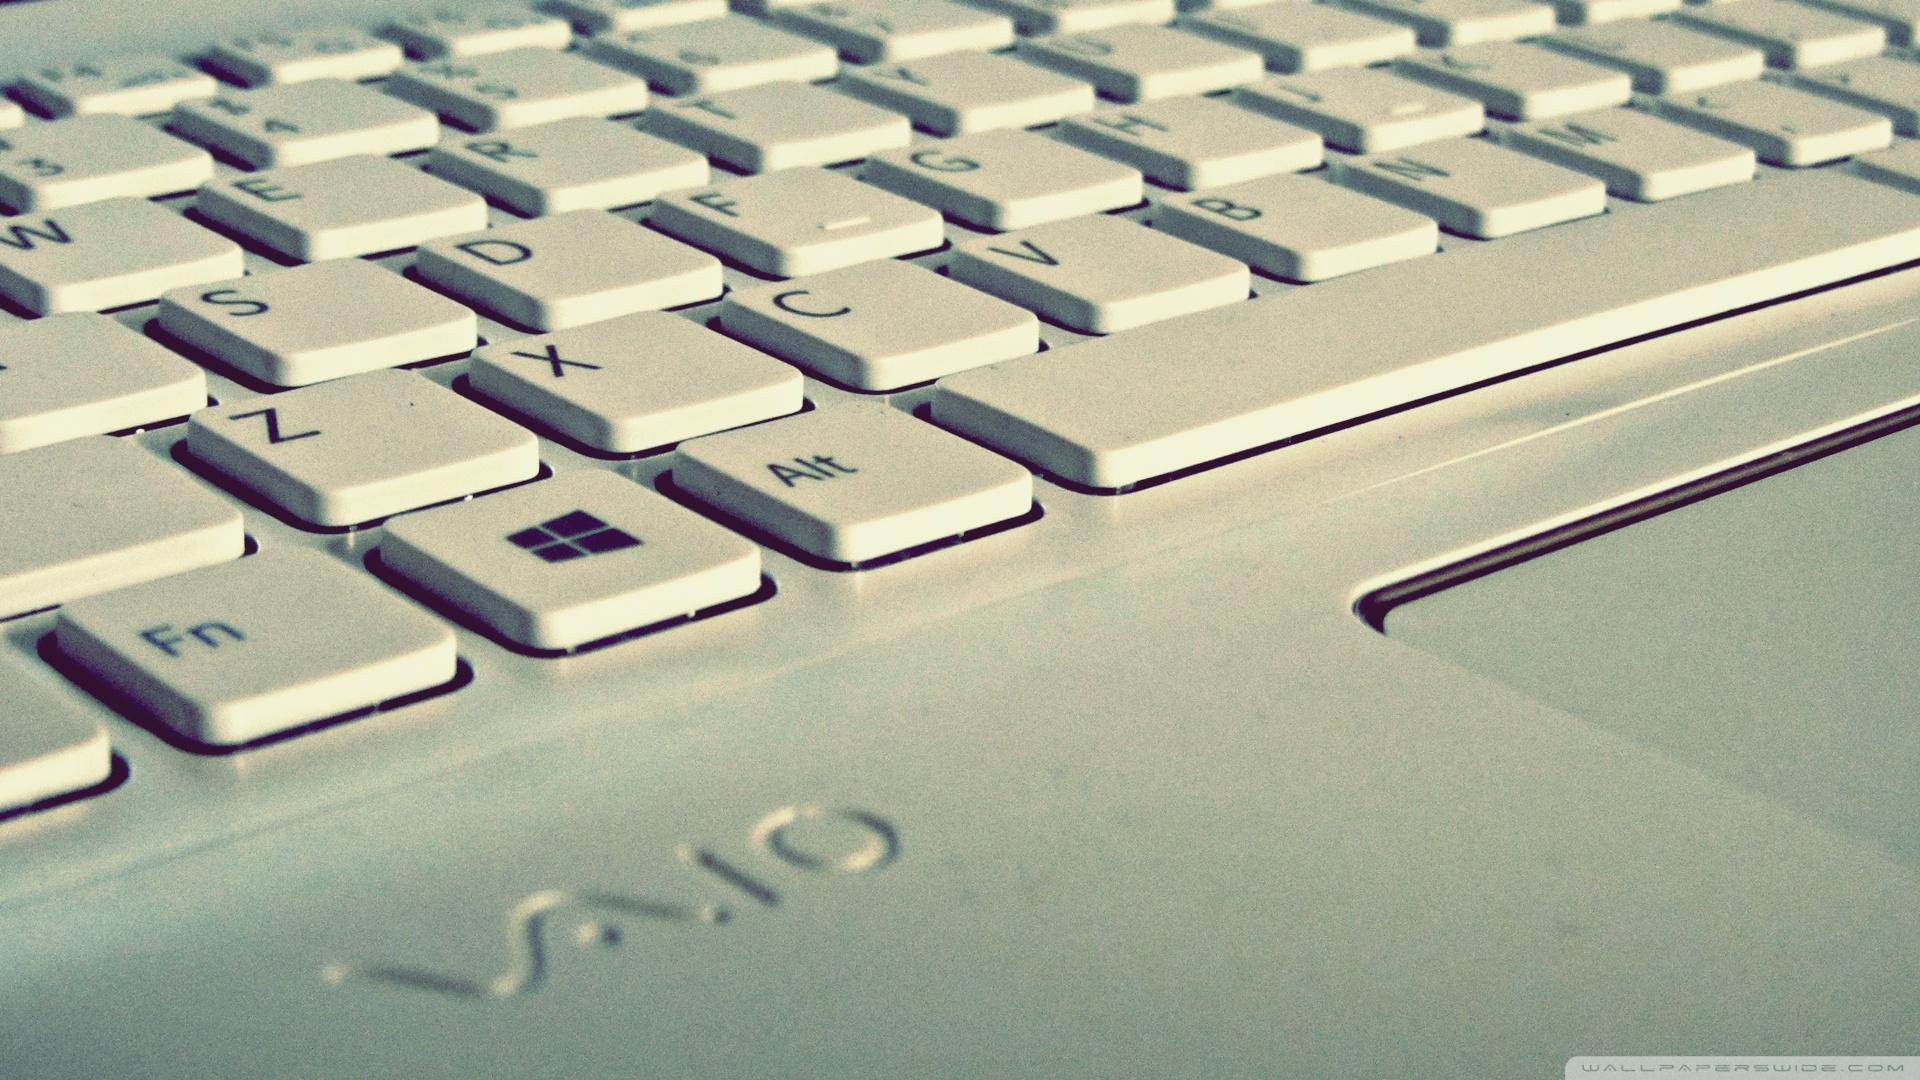 Download Free WallpaperWhite Keyboard